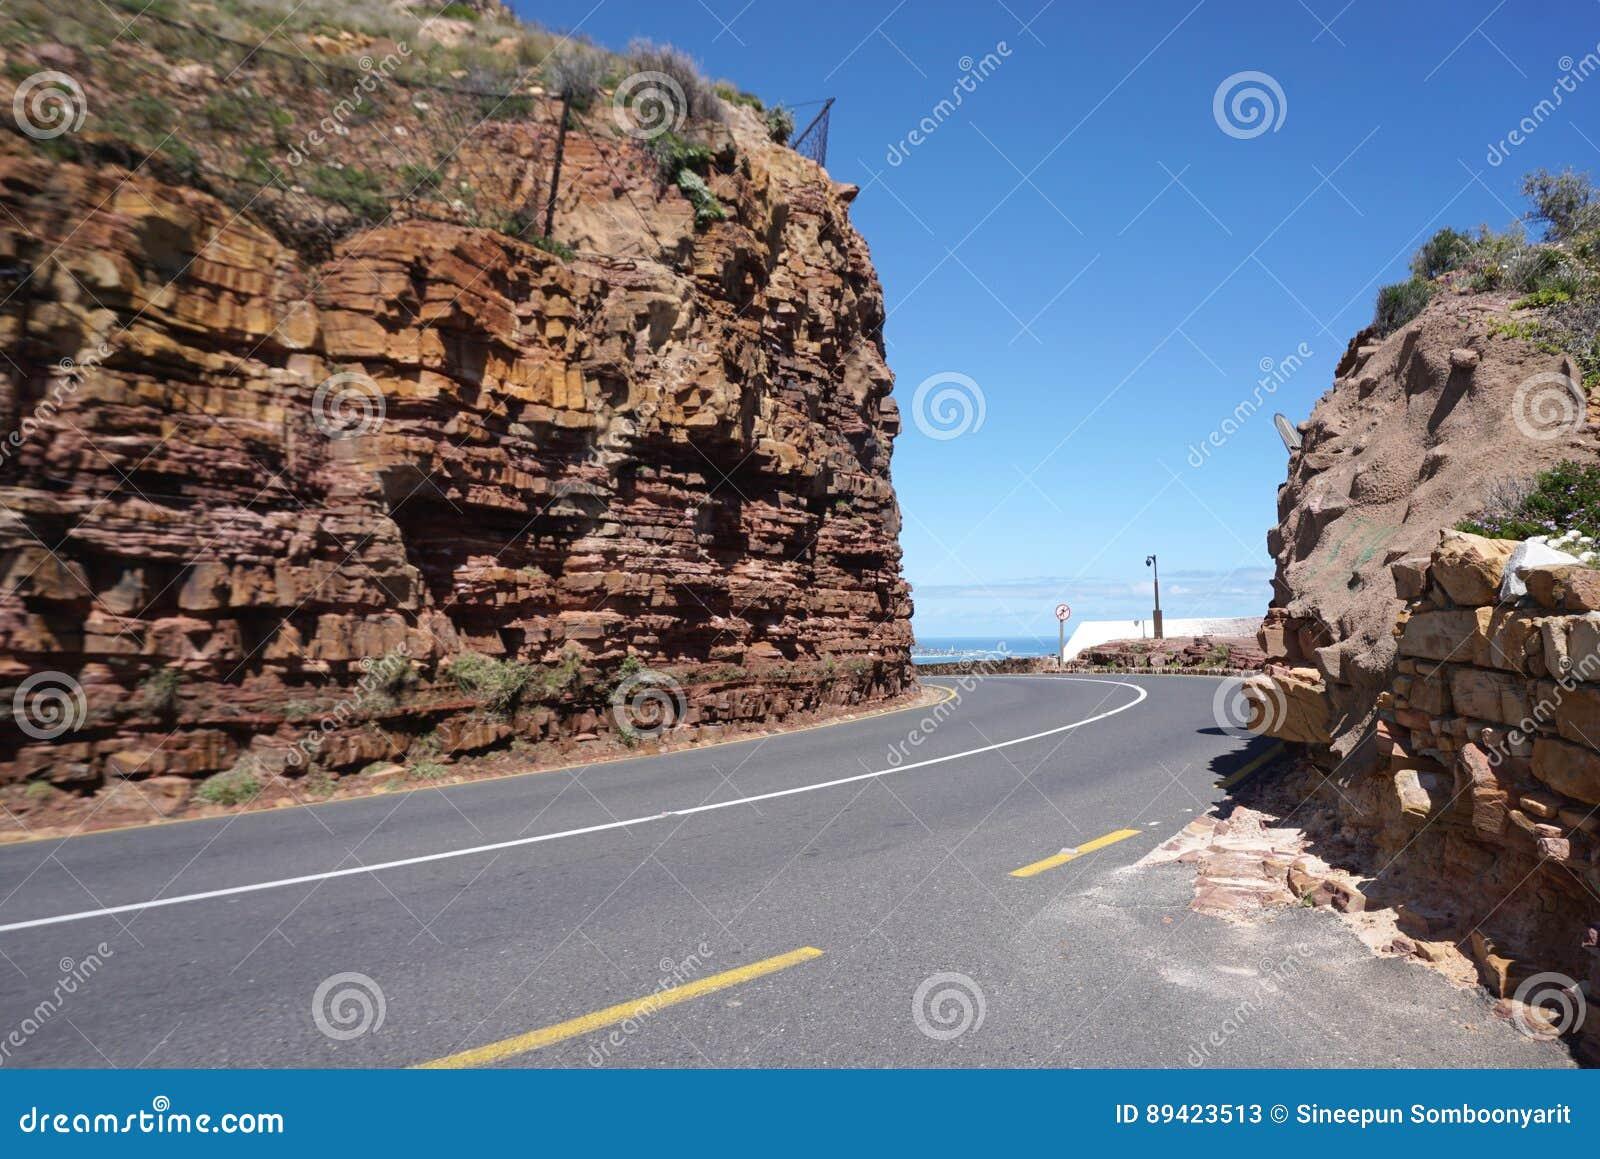 Estrada bonita embora o monte de pedra vermelho perto do ponto do cabo no tampão